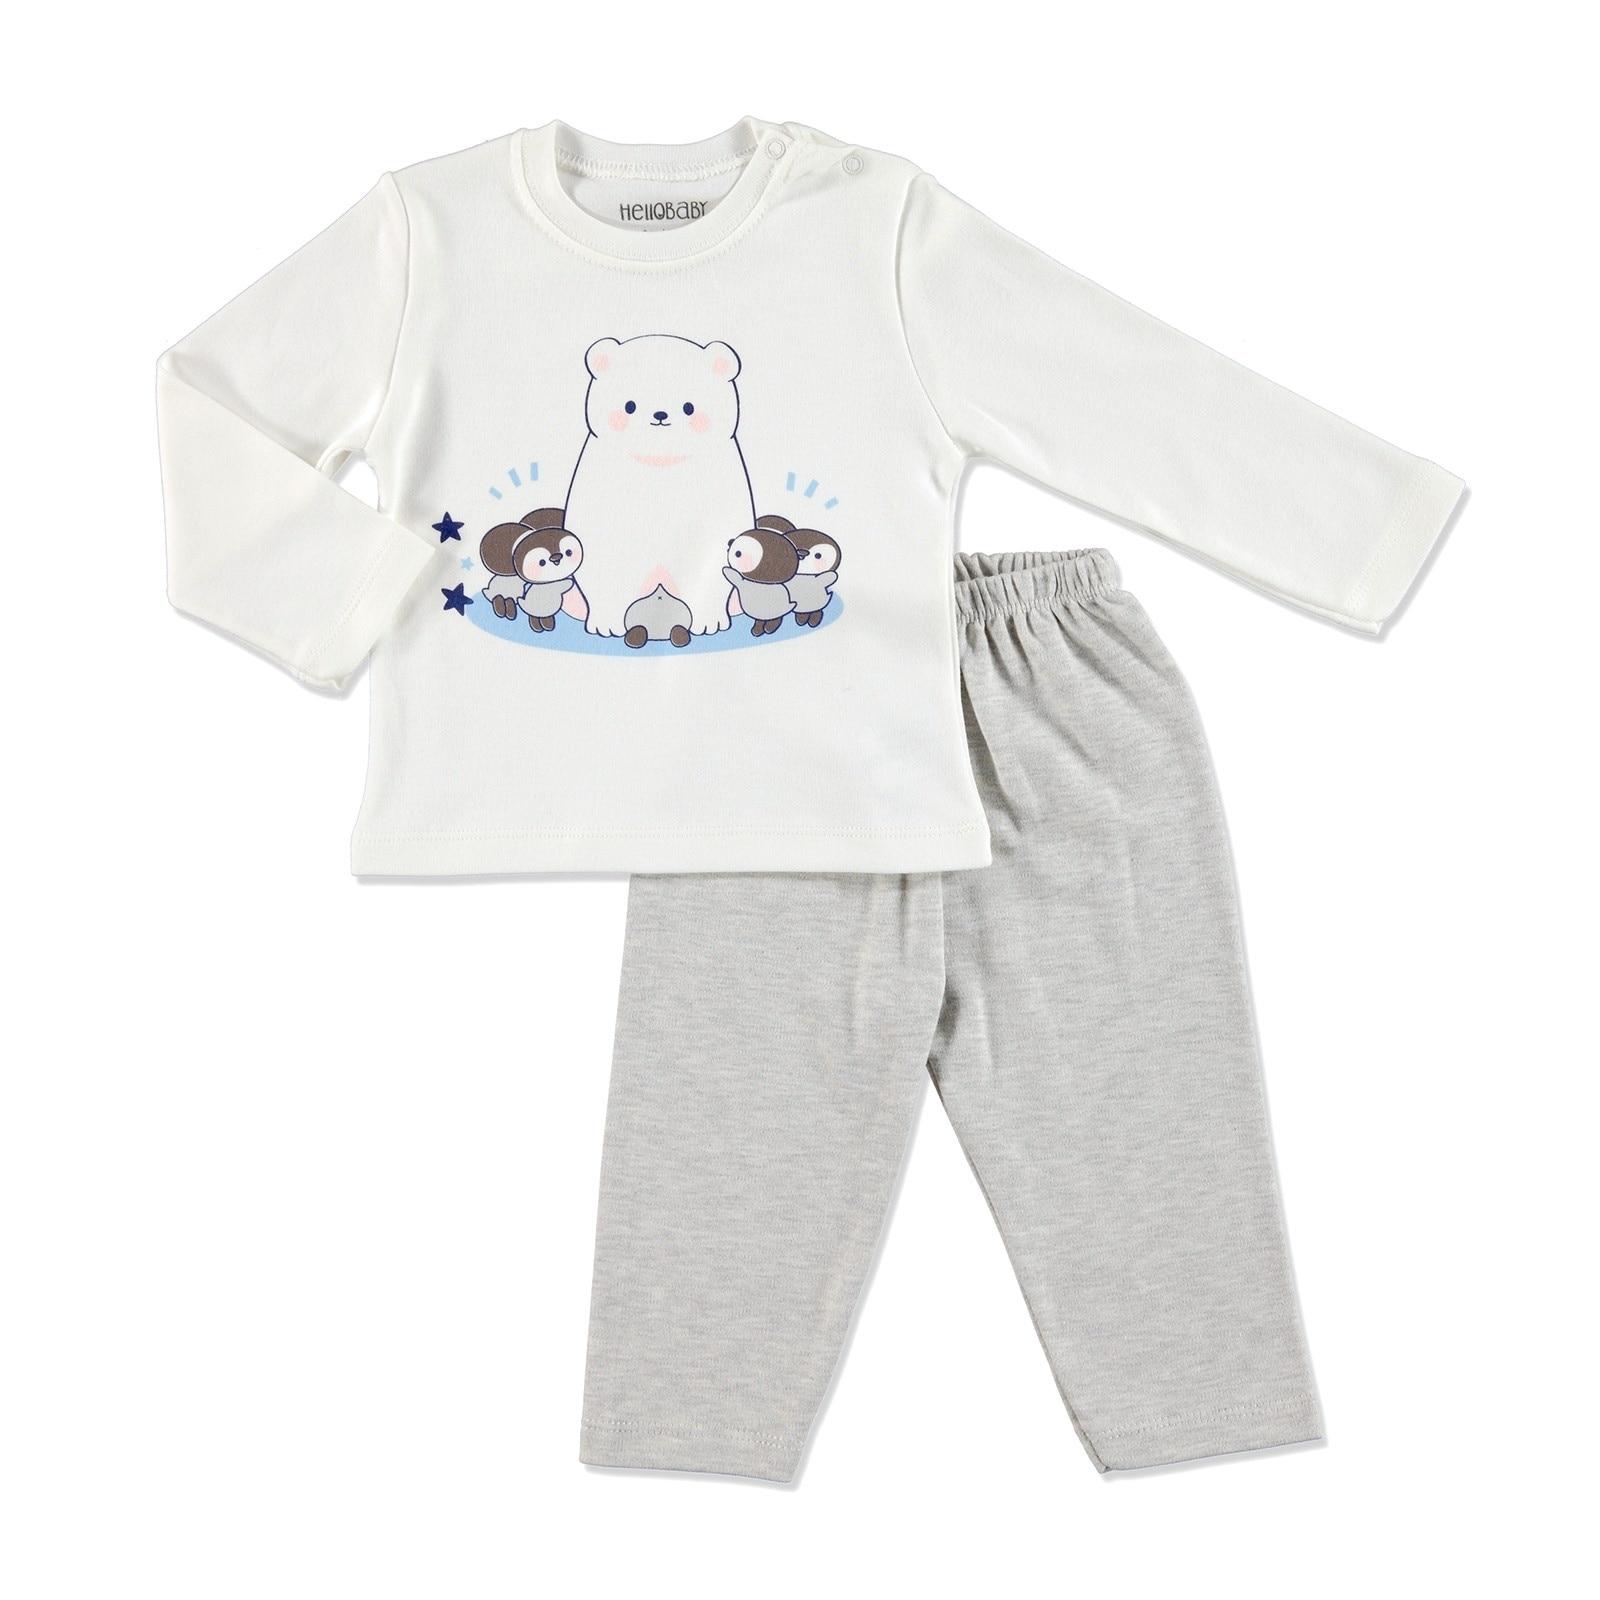 Ebebek HelloBaby invierno Bebé básico impreso pijama conjunto Ebebebek zapatos de bebé de primer paso